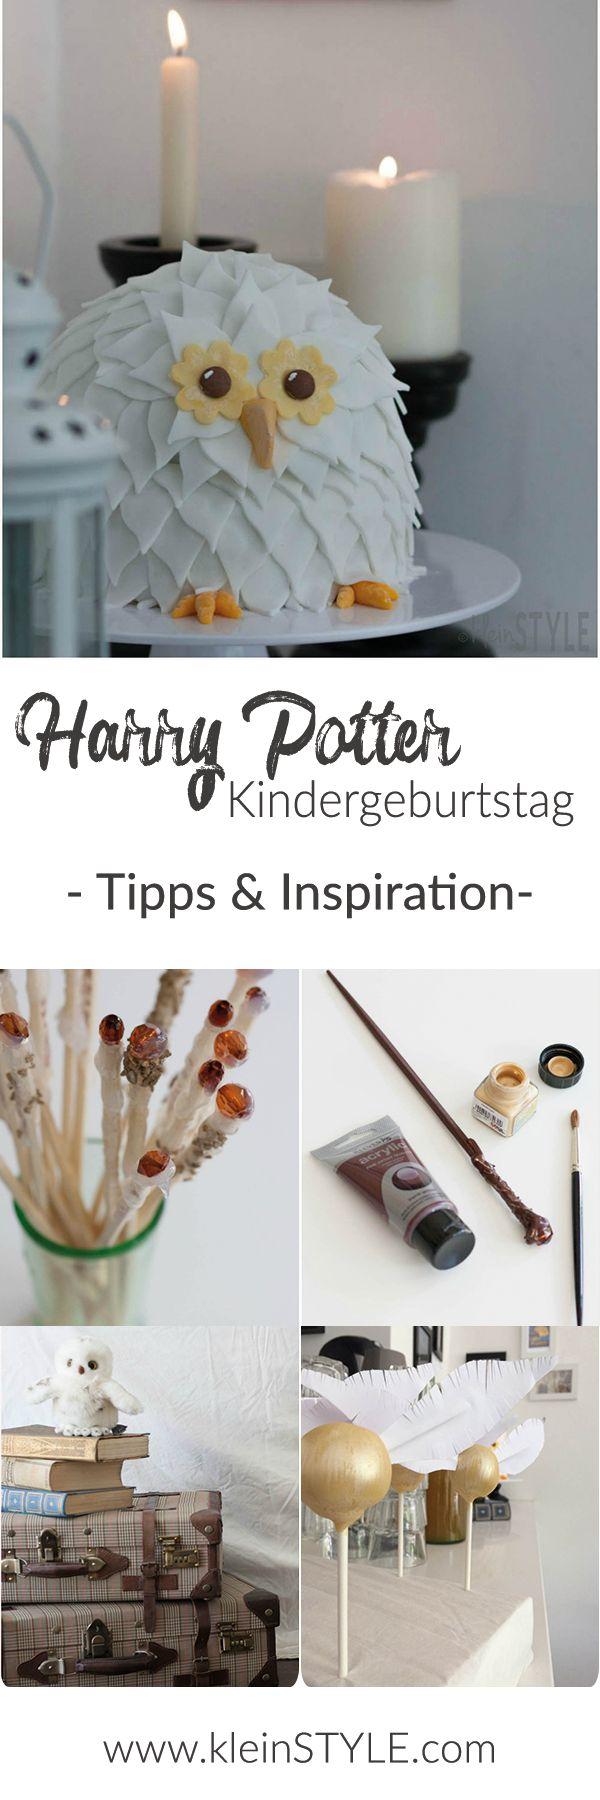 In der Welt von Harry Potter : Kindergeburtstag in Hogwarts